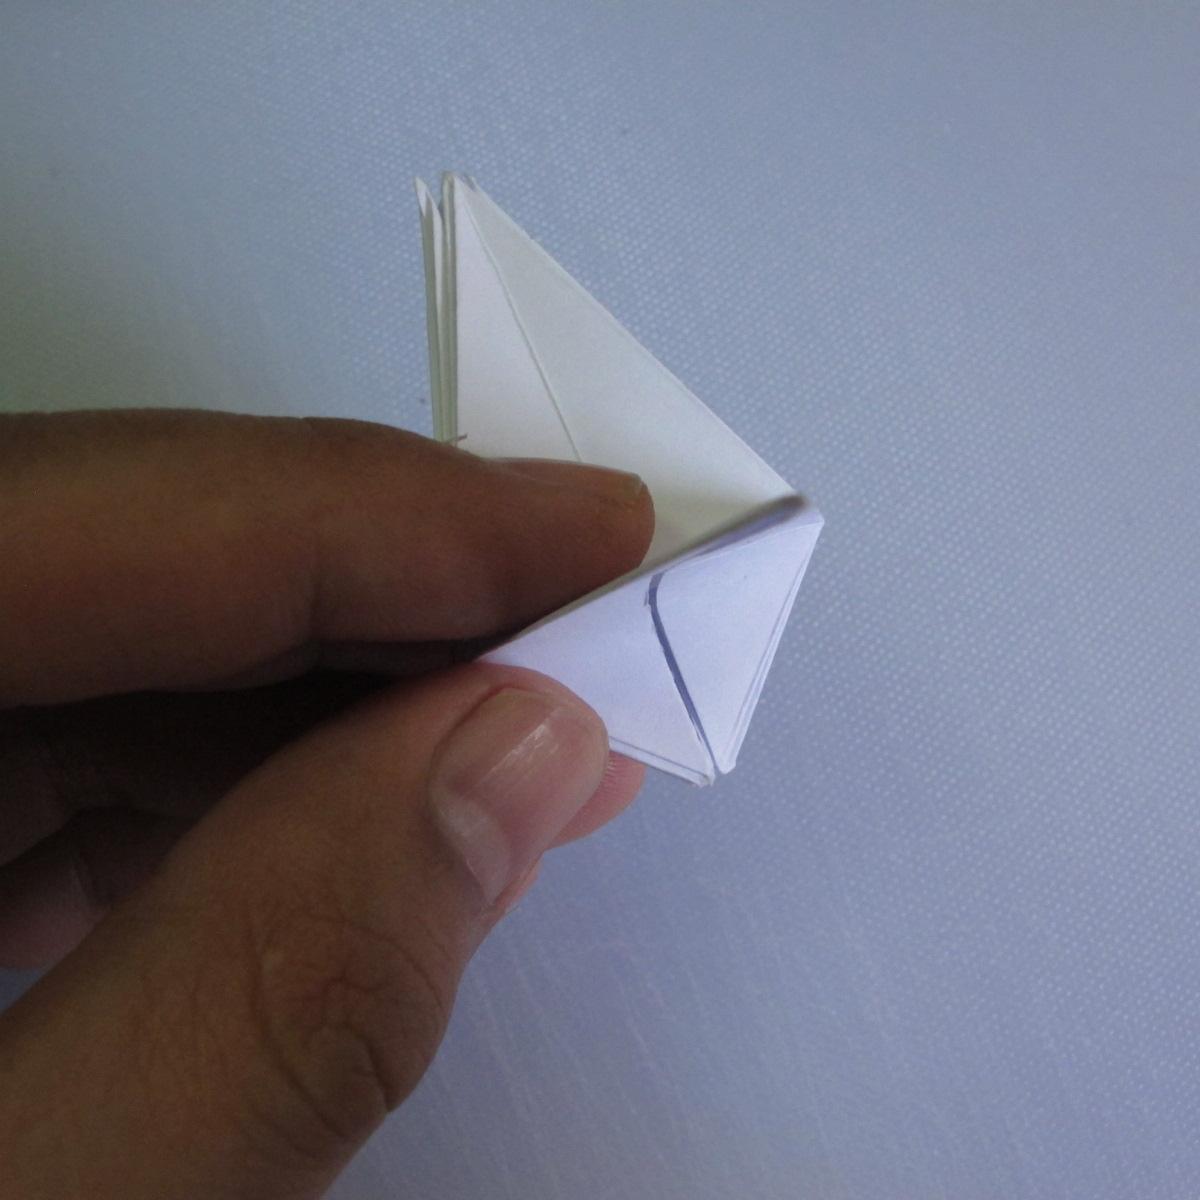 วิธีพับกระดาษเป็นรูปดอกลิลลี่ 016